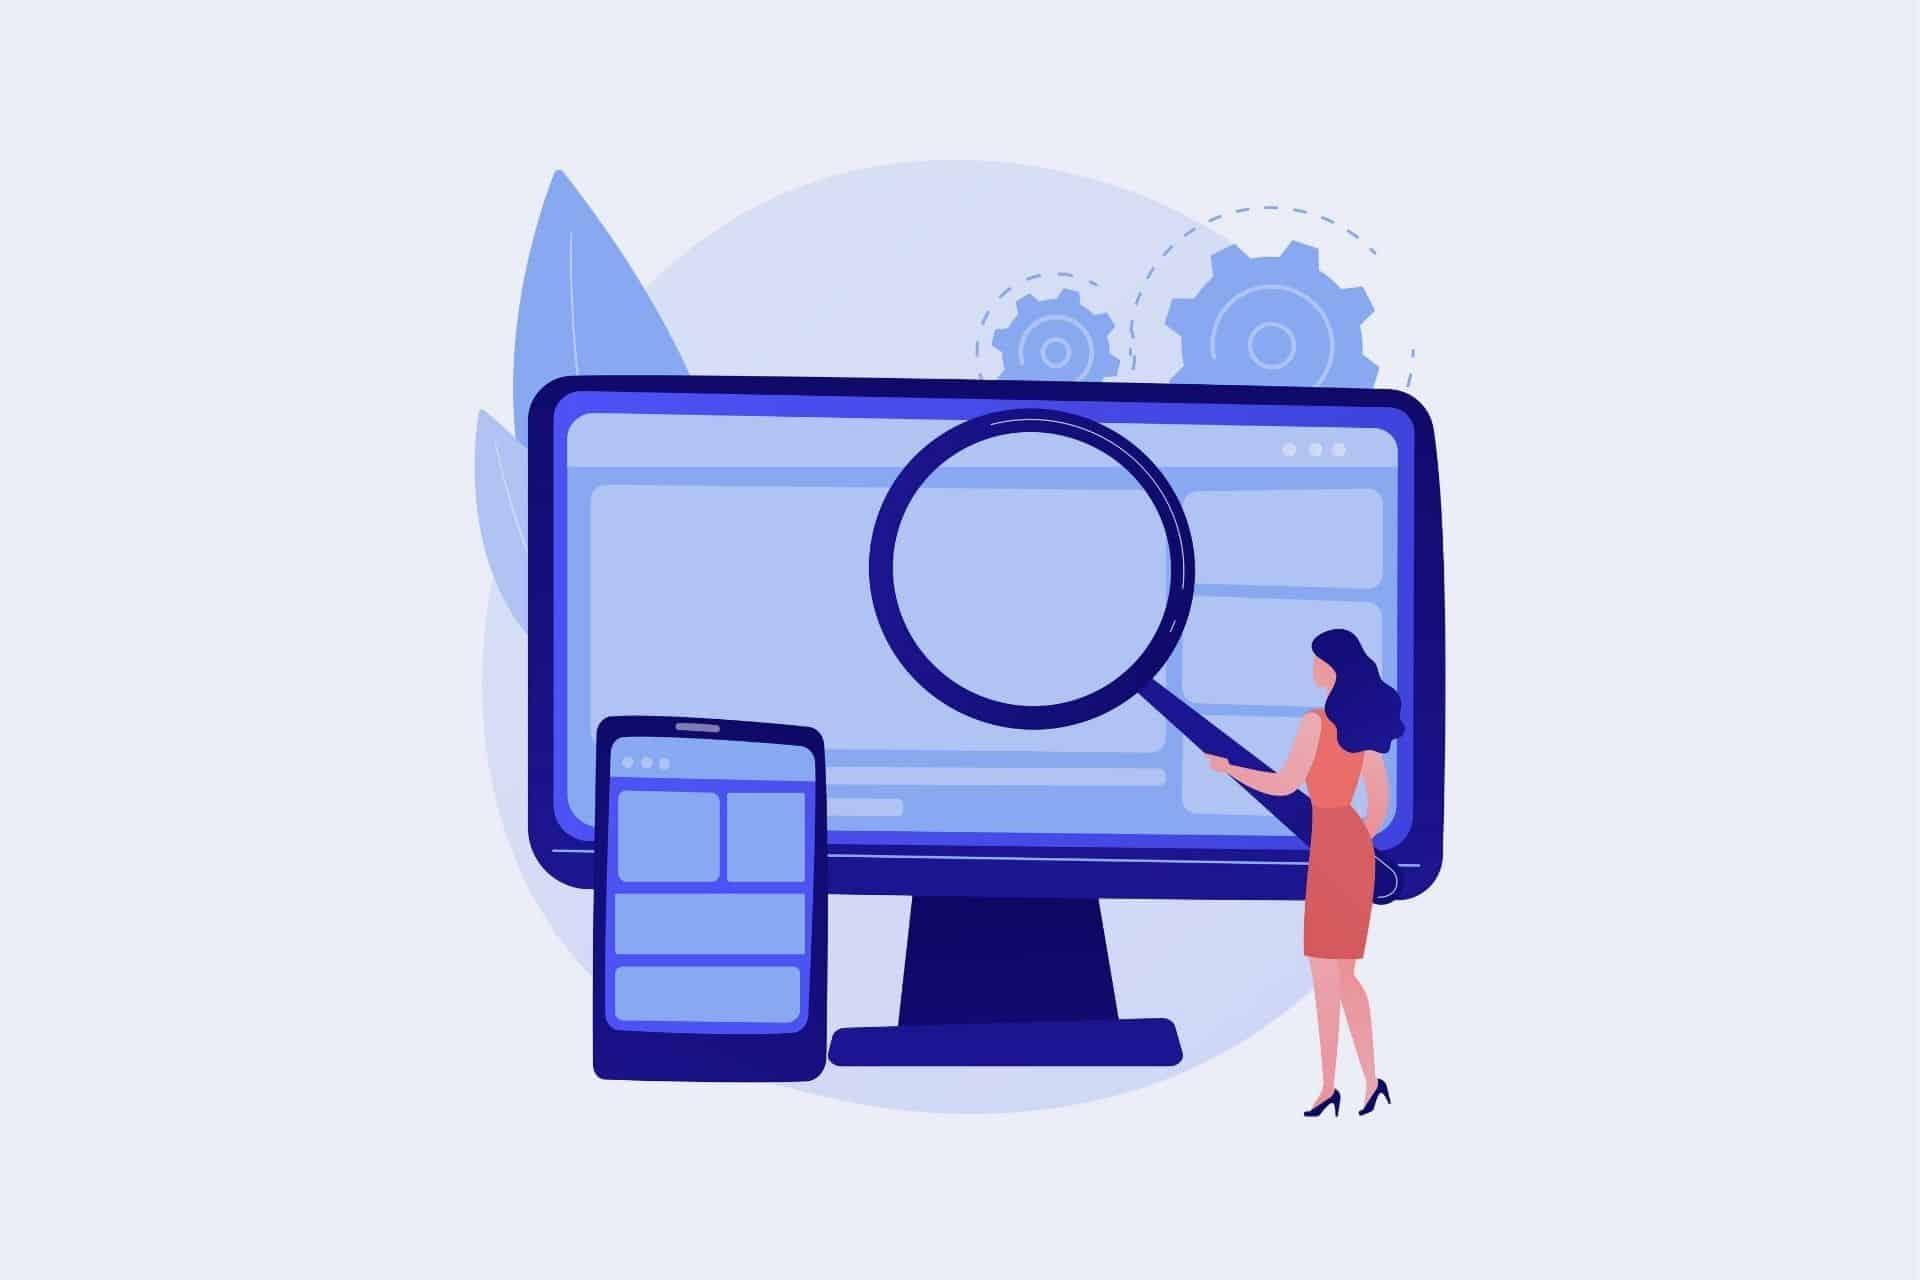 שלב האחרון בהקמת האתרים הוא הכנה לקידום בגוגל. בדרך כלל, זה גם שלב הראשון בתהליך שיווק דיגיטלי של העסק.